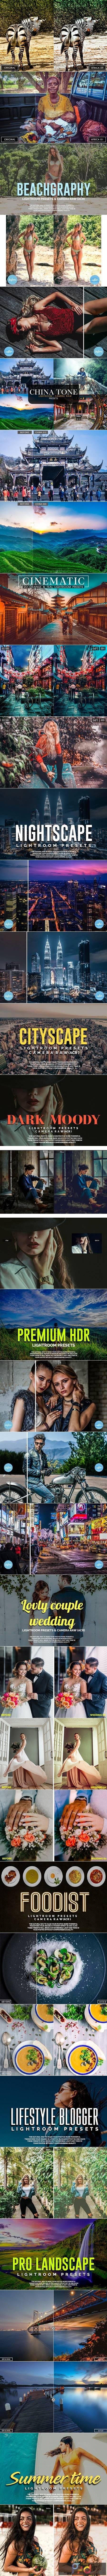 1200+ Mega Mix Lightroom Presets 4682659 1